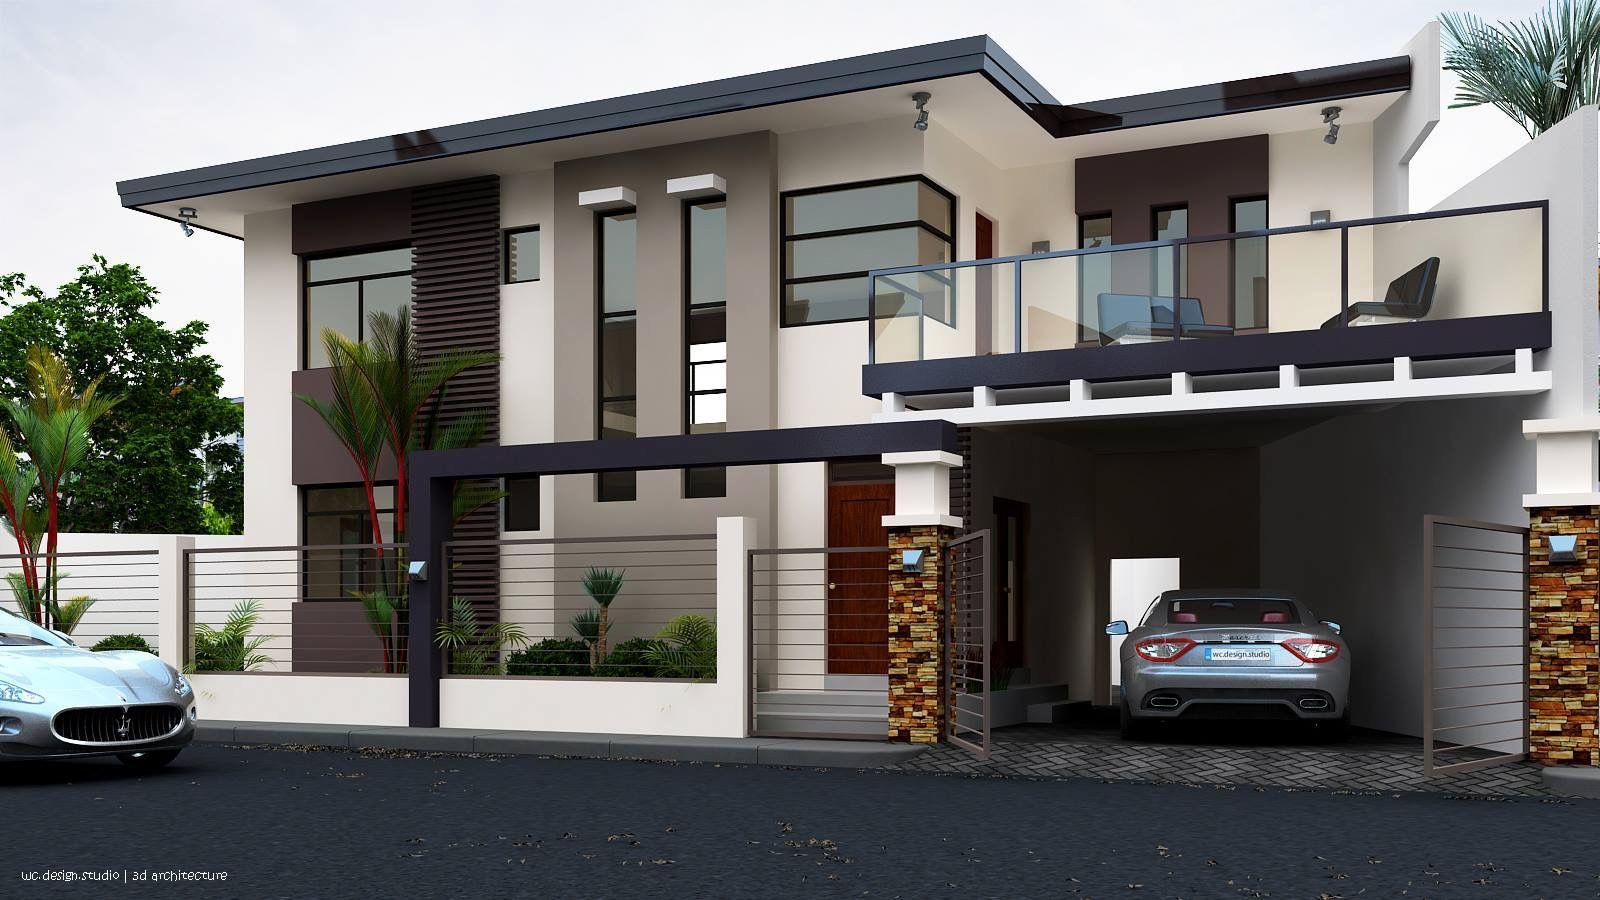 pin von paola chavez colindres auf houses pinterest haus haus ideen und bauhaus architektur. Black Bedroom Furniture Sets. Home Design Ideas